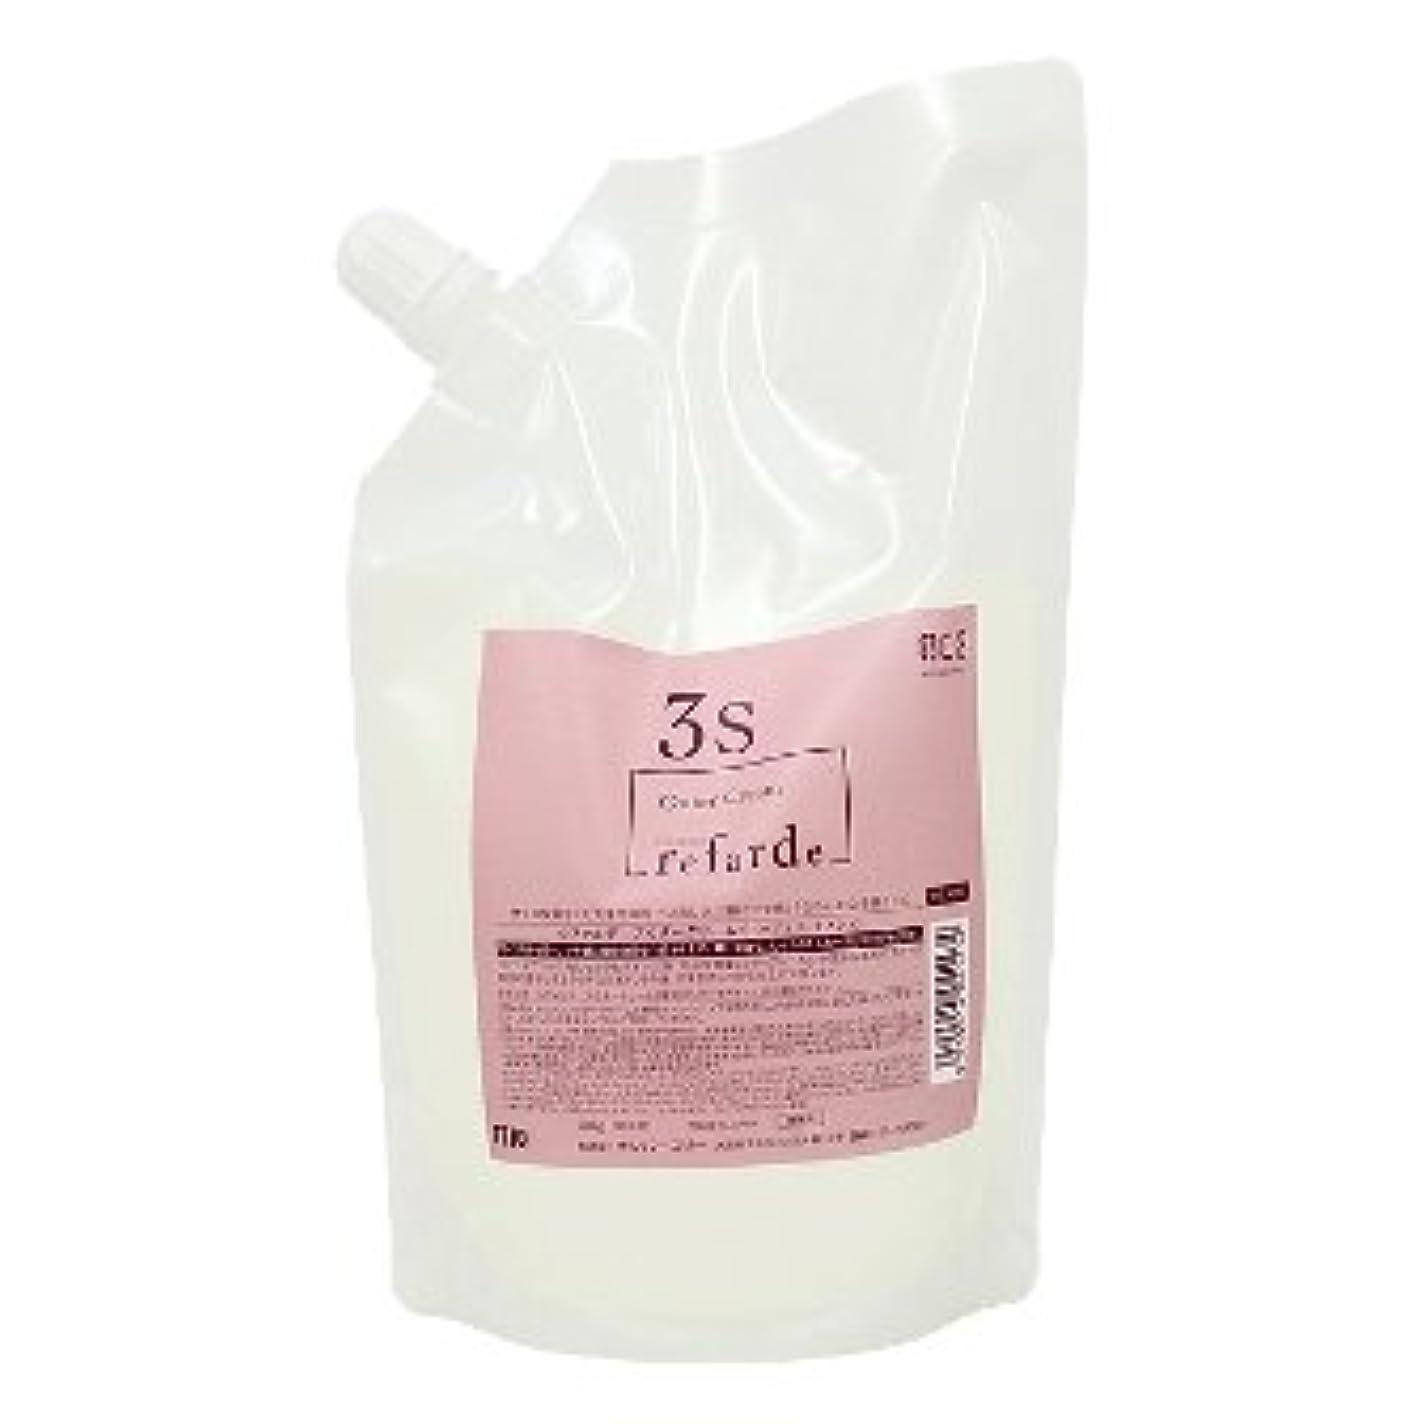 よろしく製造業アクセルルファルデ アウタークリーム 3S(さらさら) (レフィル) 500g 【ナンバースリー】